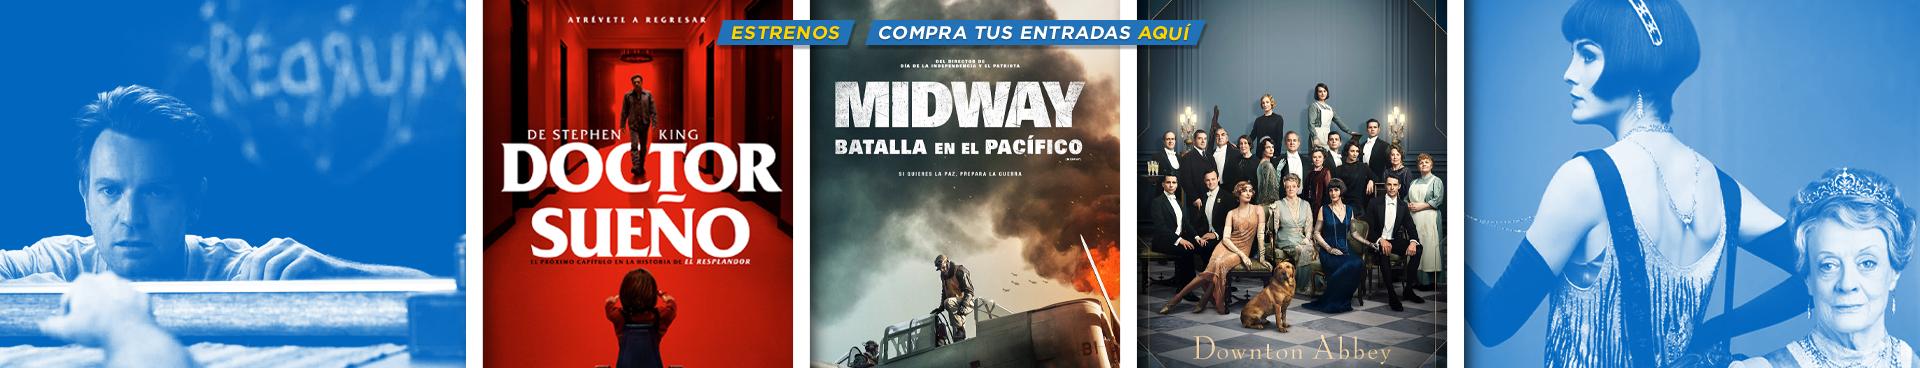 ESTRENOS: DOCTOR SUEÑO + MIDWAY: BATALLA EN EL PACIFICO + DOWNTON ABBEY, COMPRA TUS ENTRADAS AQUÍ